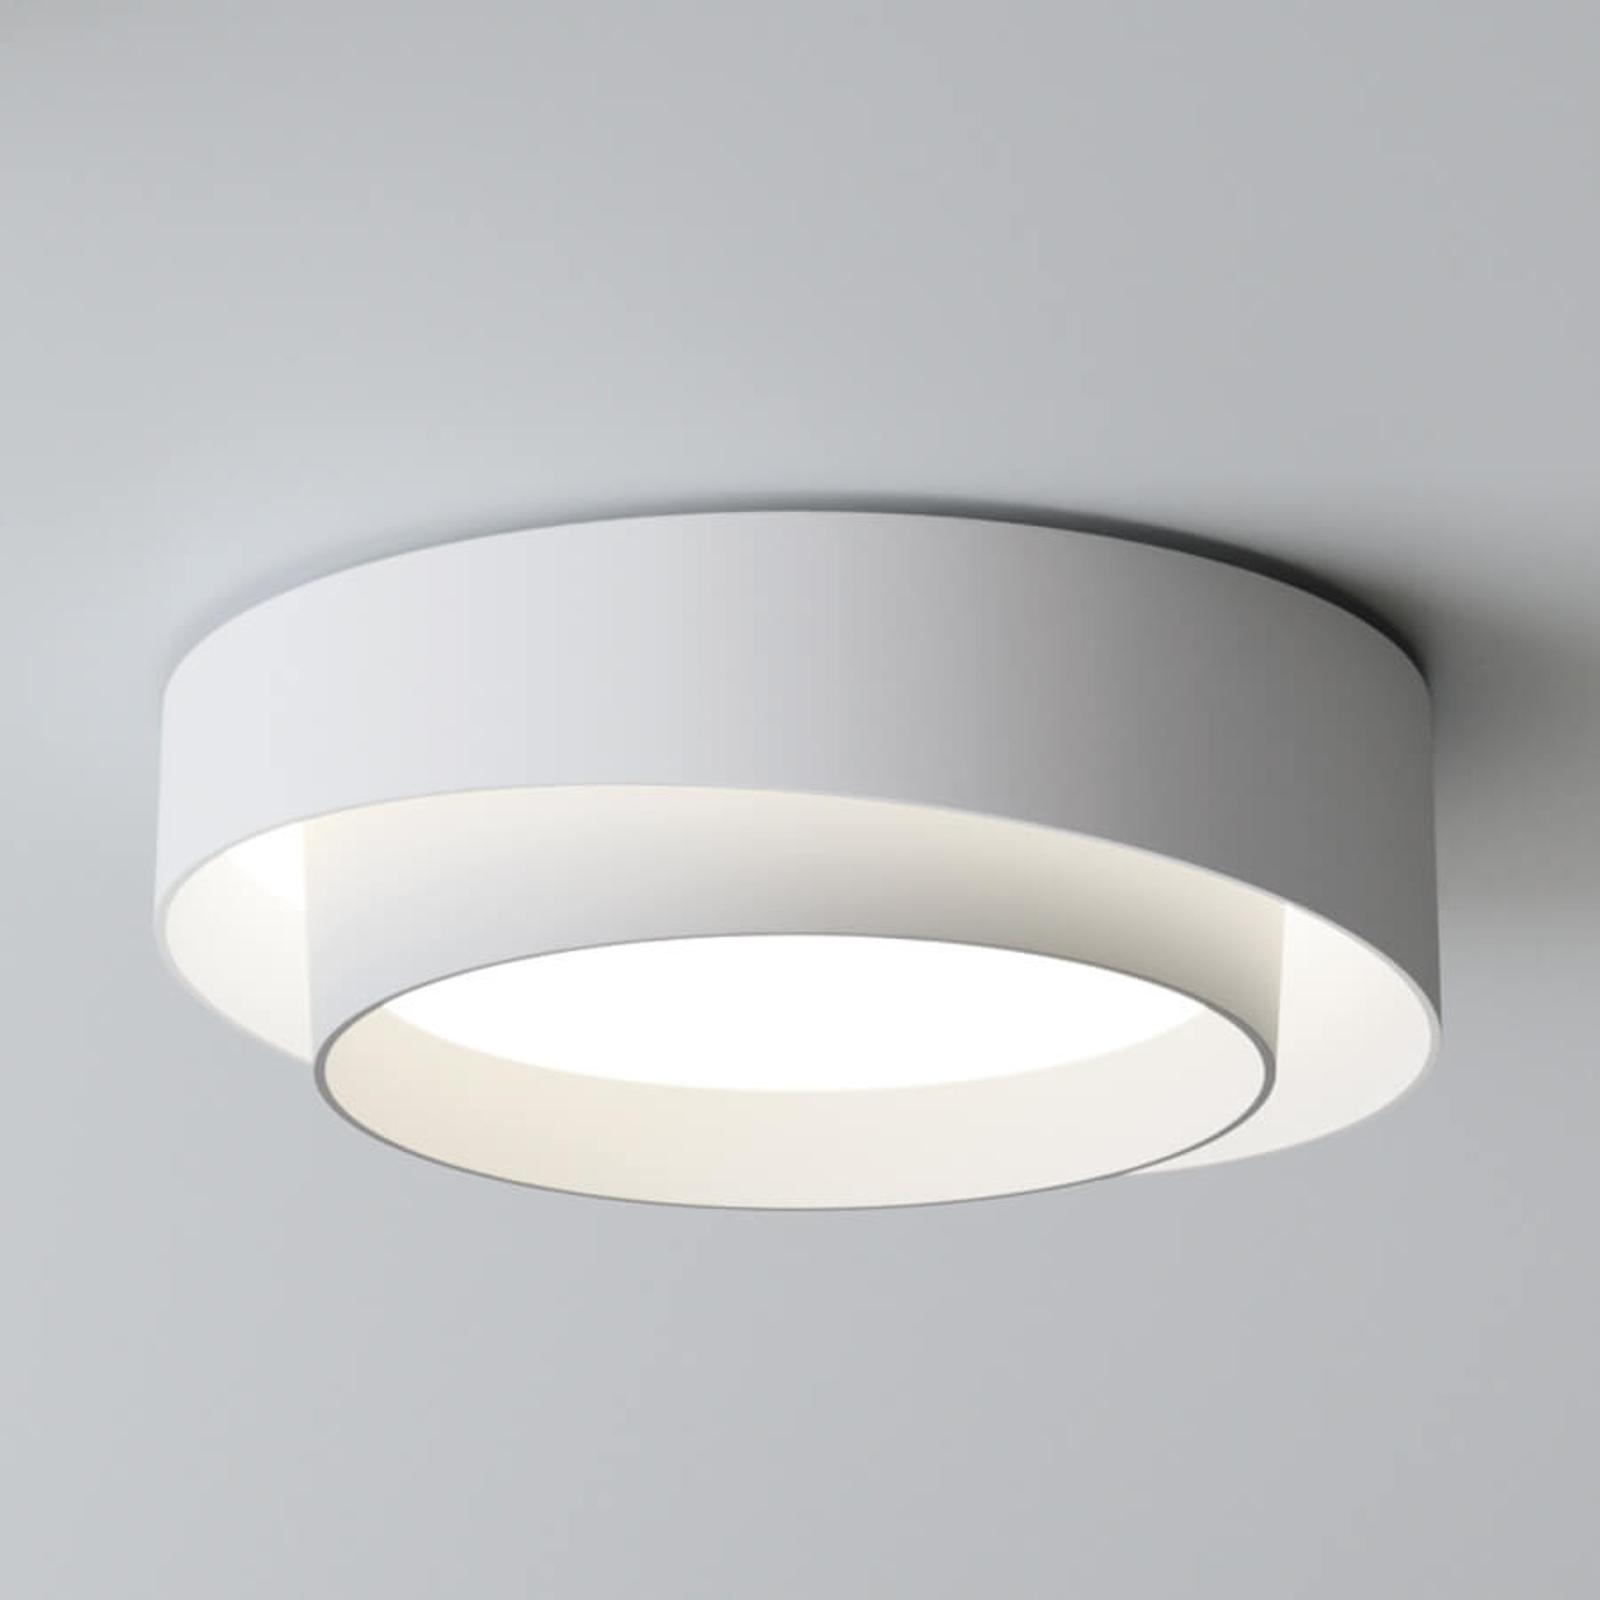 Vibia Centric - weiße LED-Design-Deckenleuchte